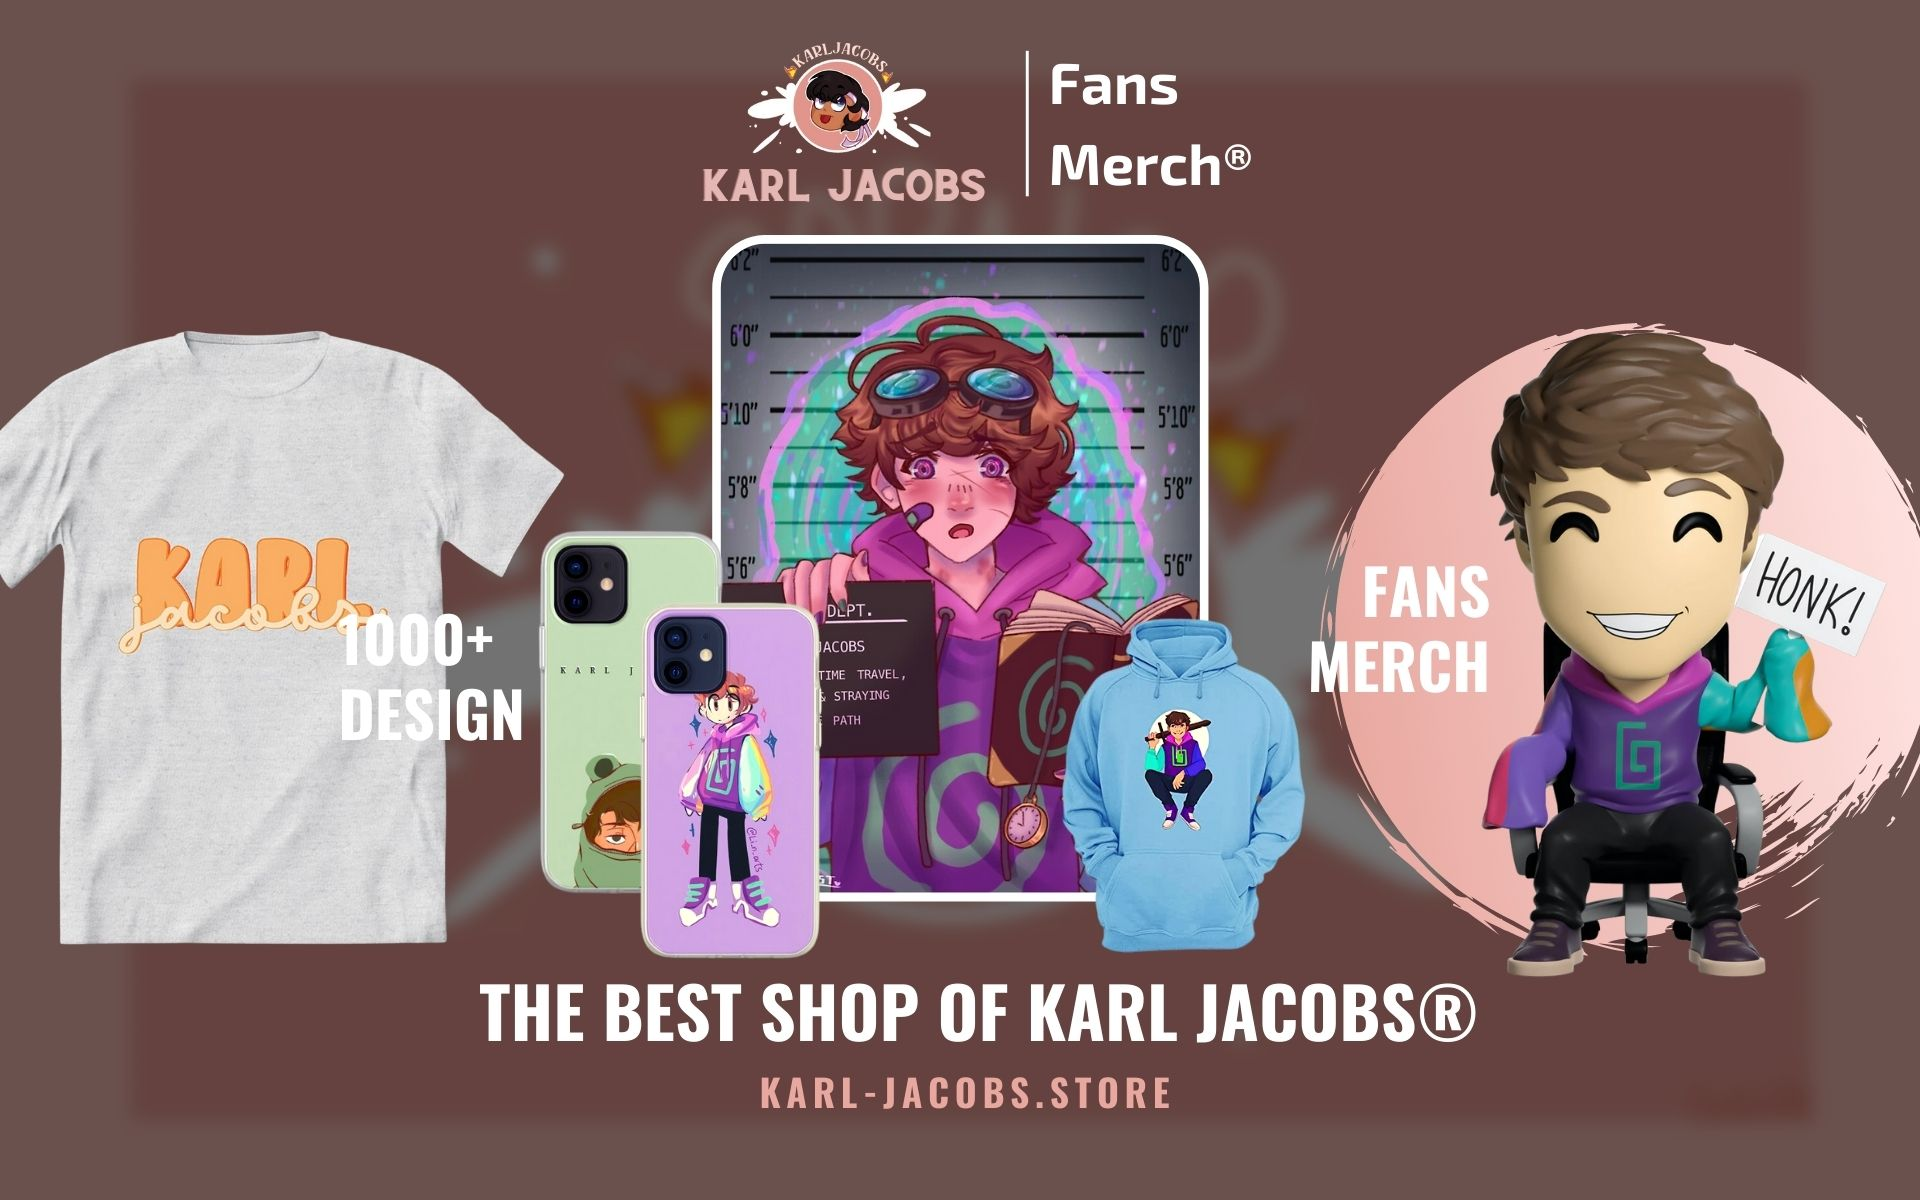 Karl Jacobs Merch Web Banner - Karl Jacobs Merch